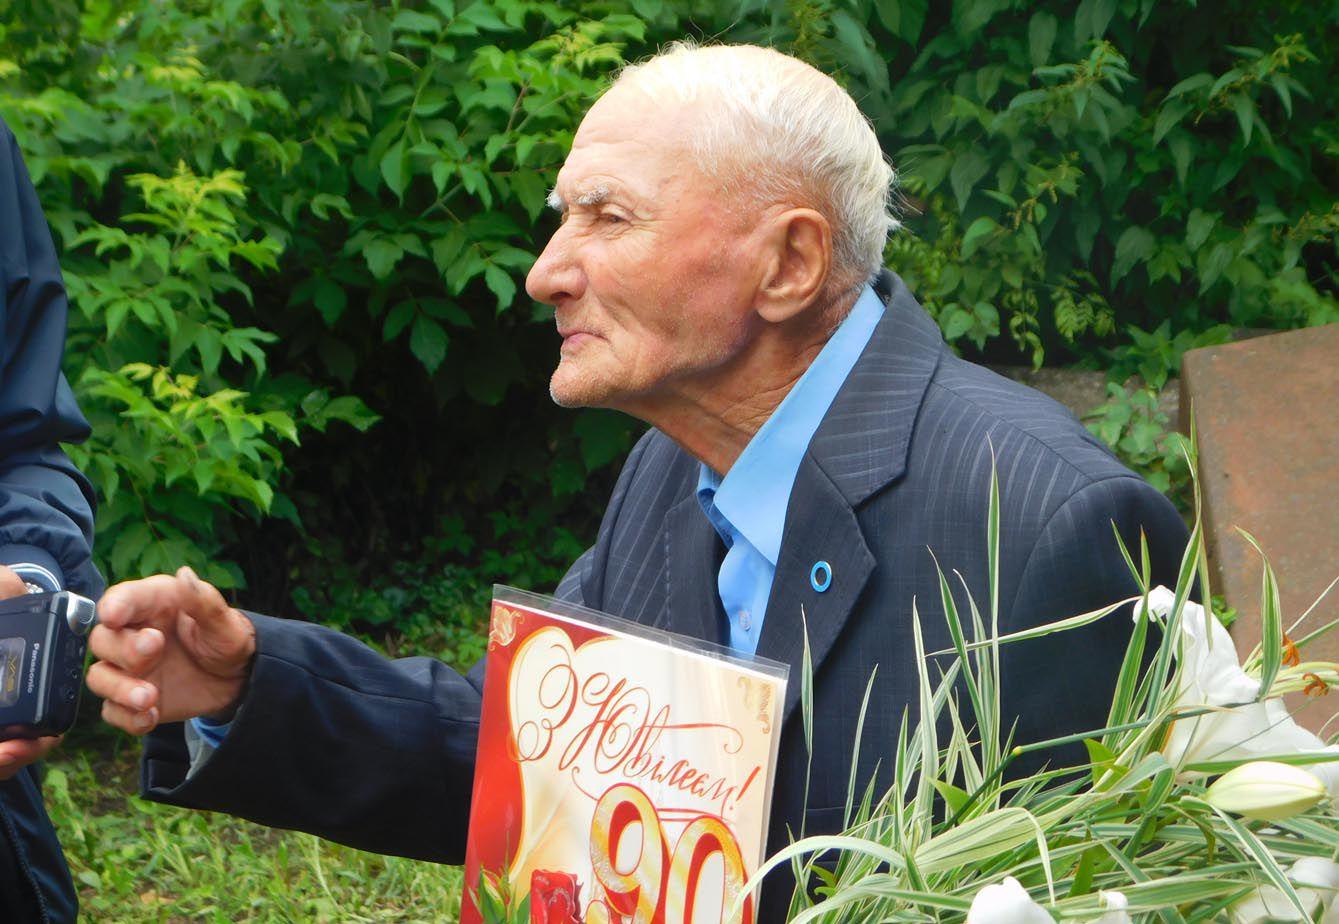 Довгожитель із Перемилівки: невже 90 років — то так багато?